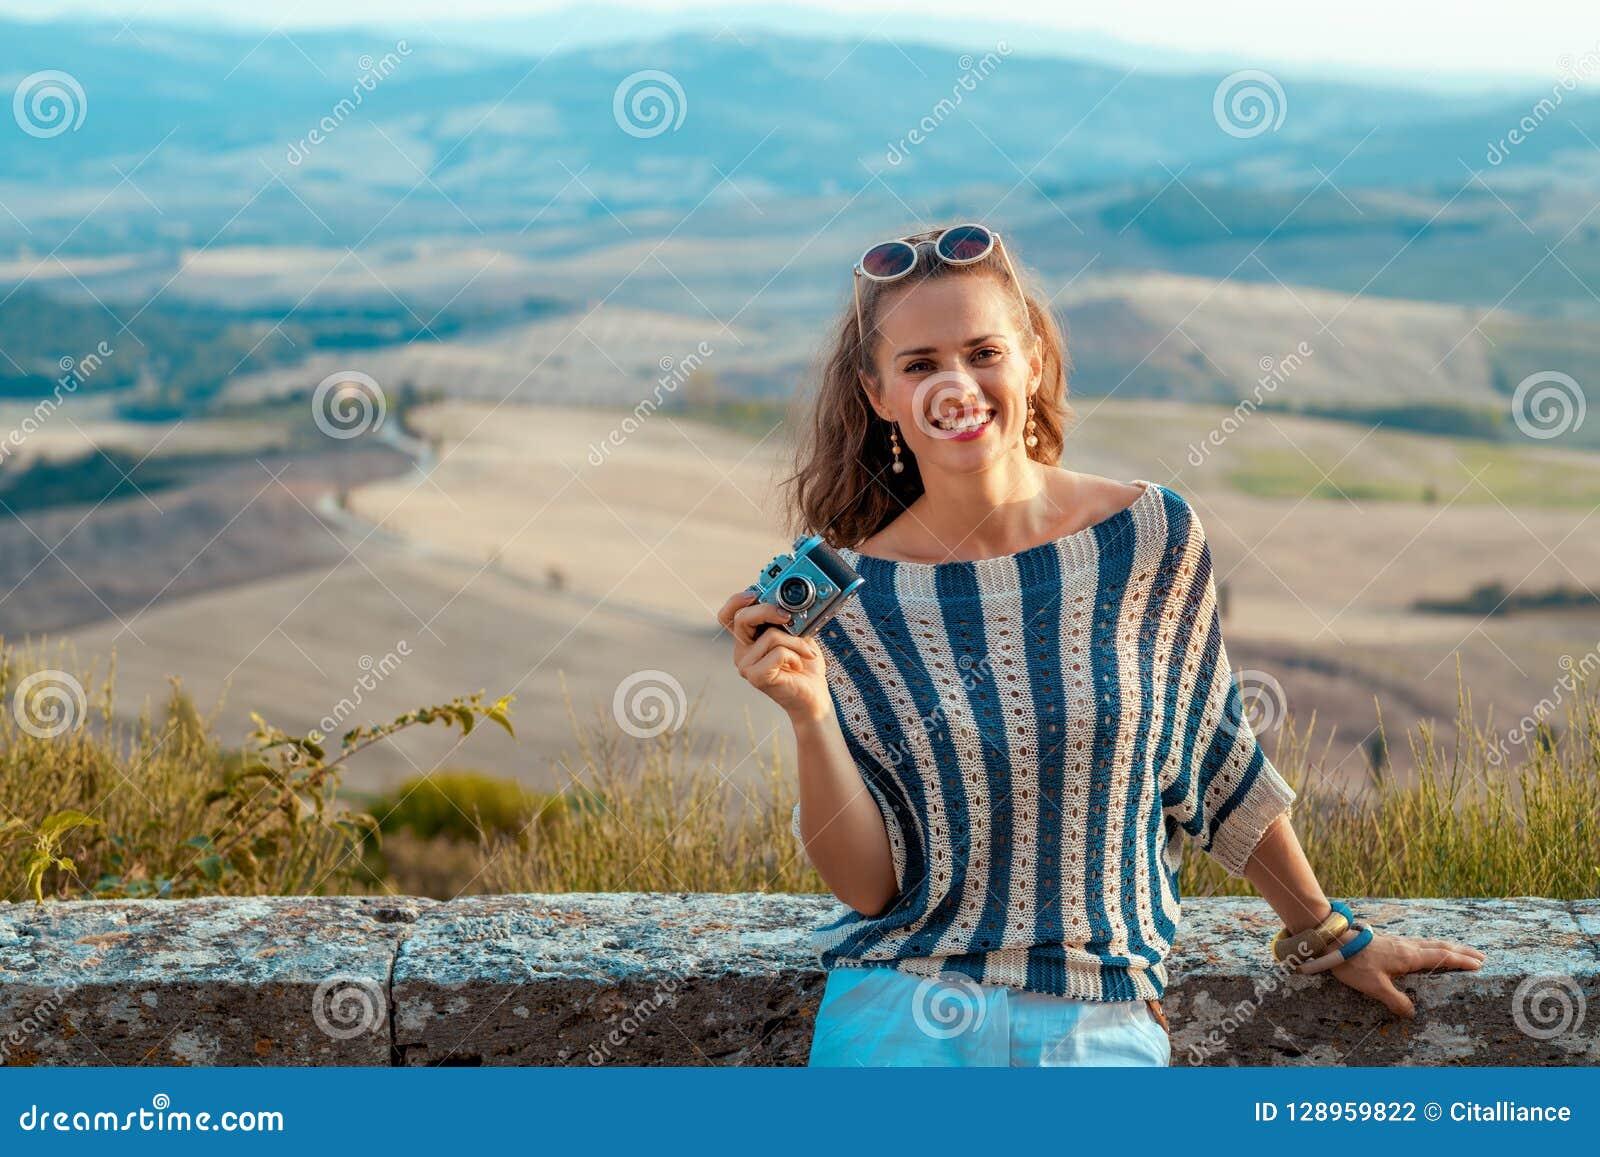 Lächelnde touristische Frau mit Retro- Fotokamera in Toskana